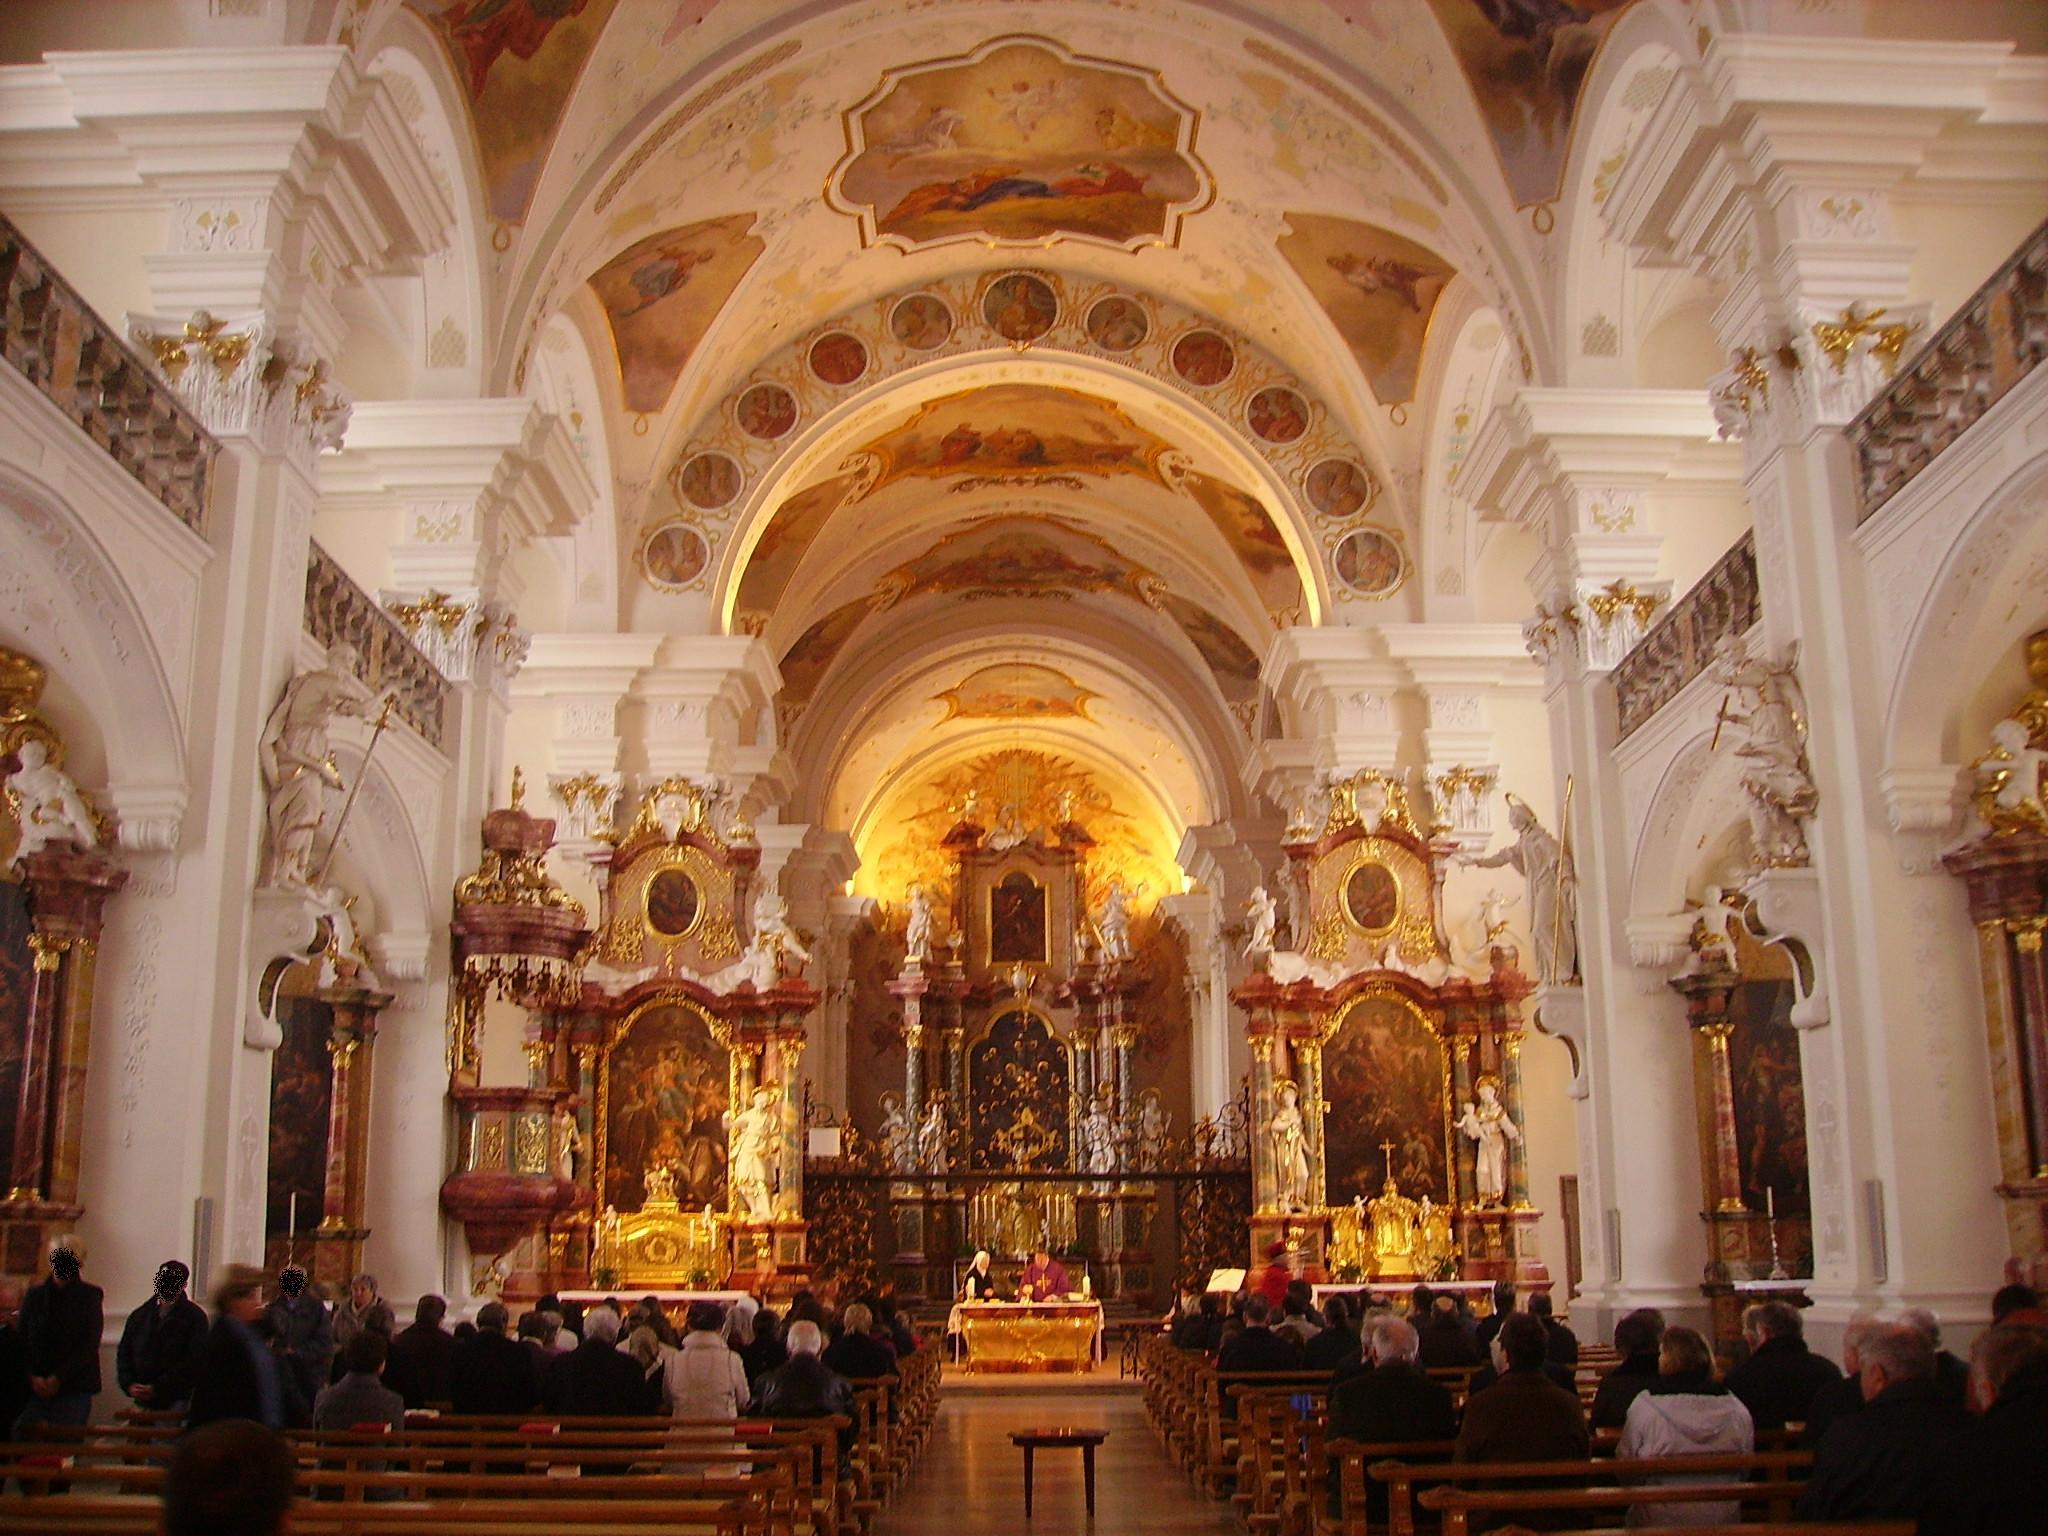 Fil:Sankt Peters Klosters kyrka, interir hayeshitzemanfoundation.org Wikipedia